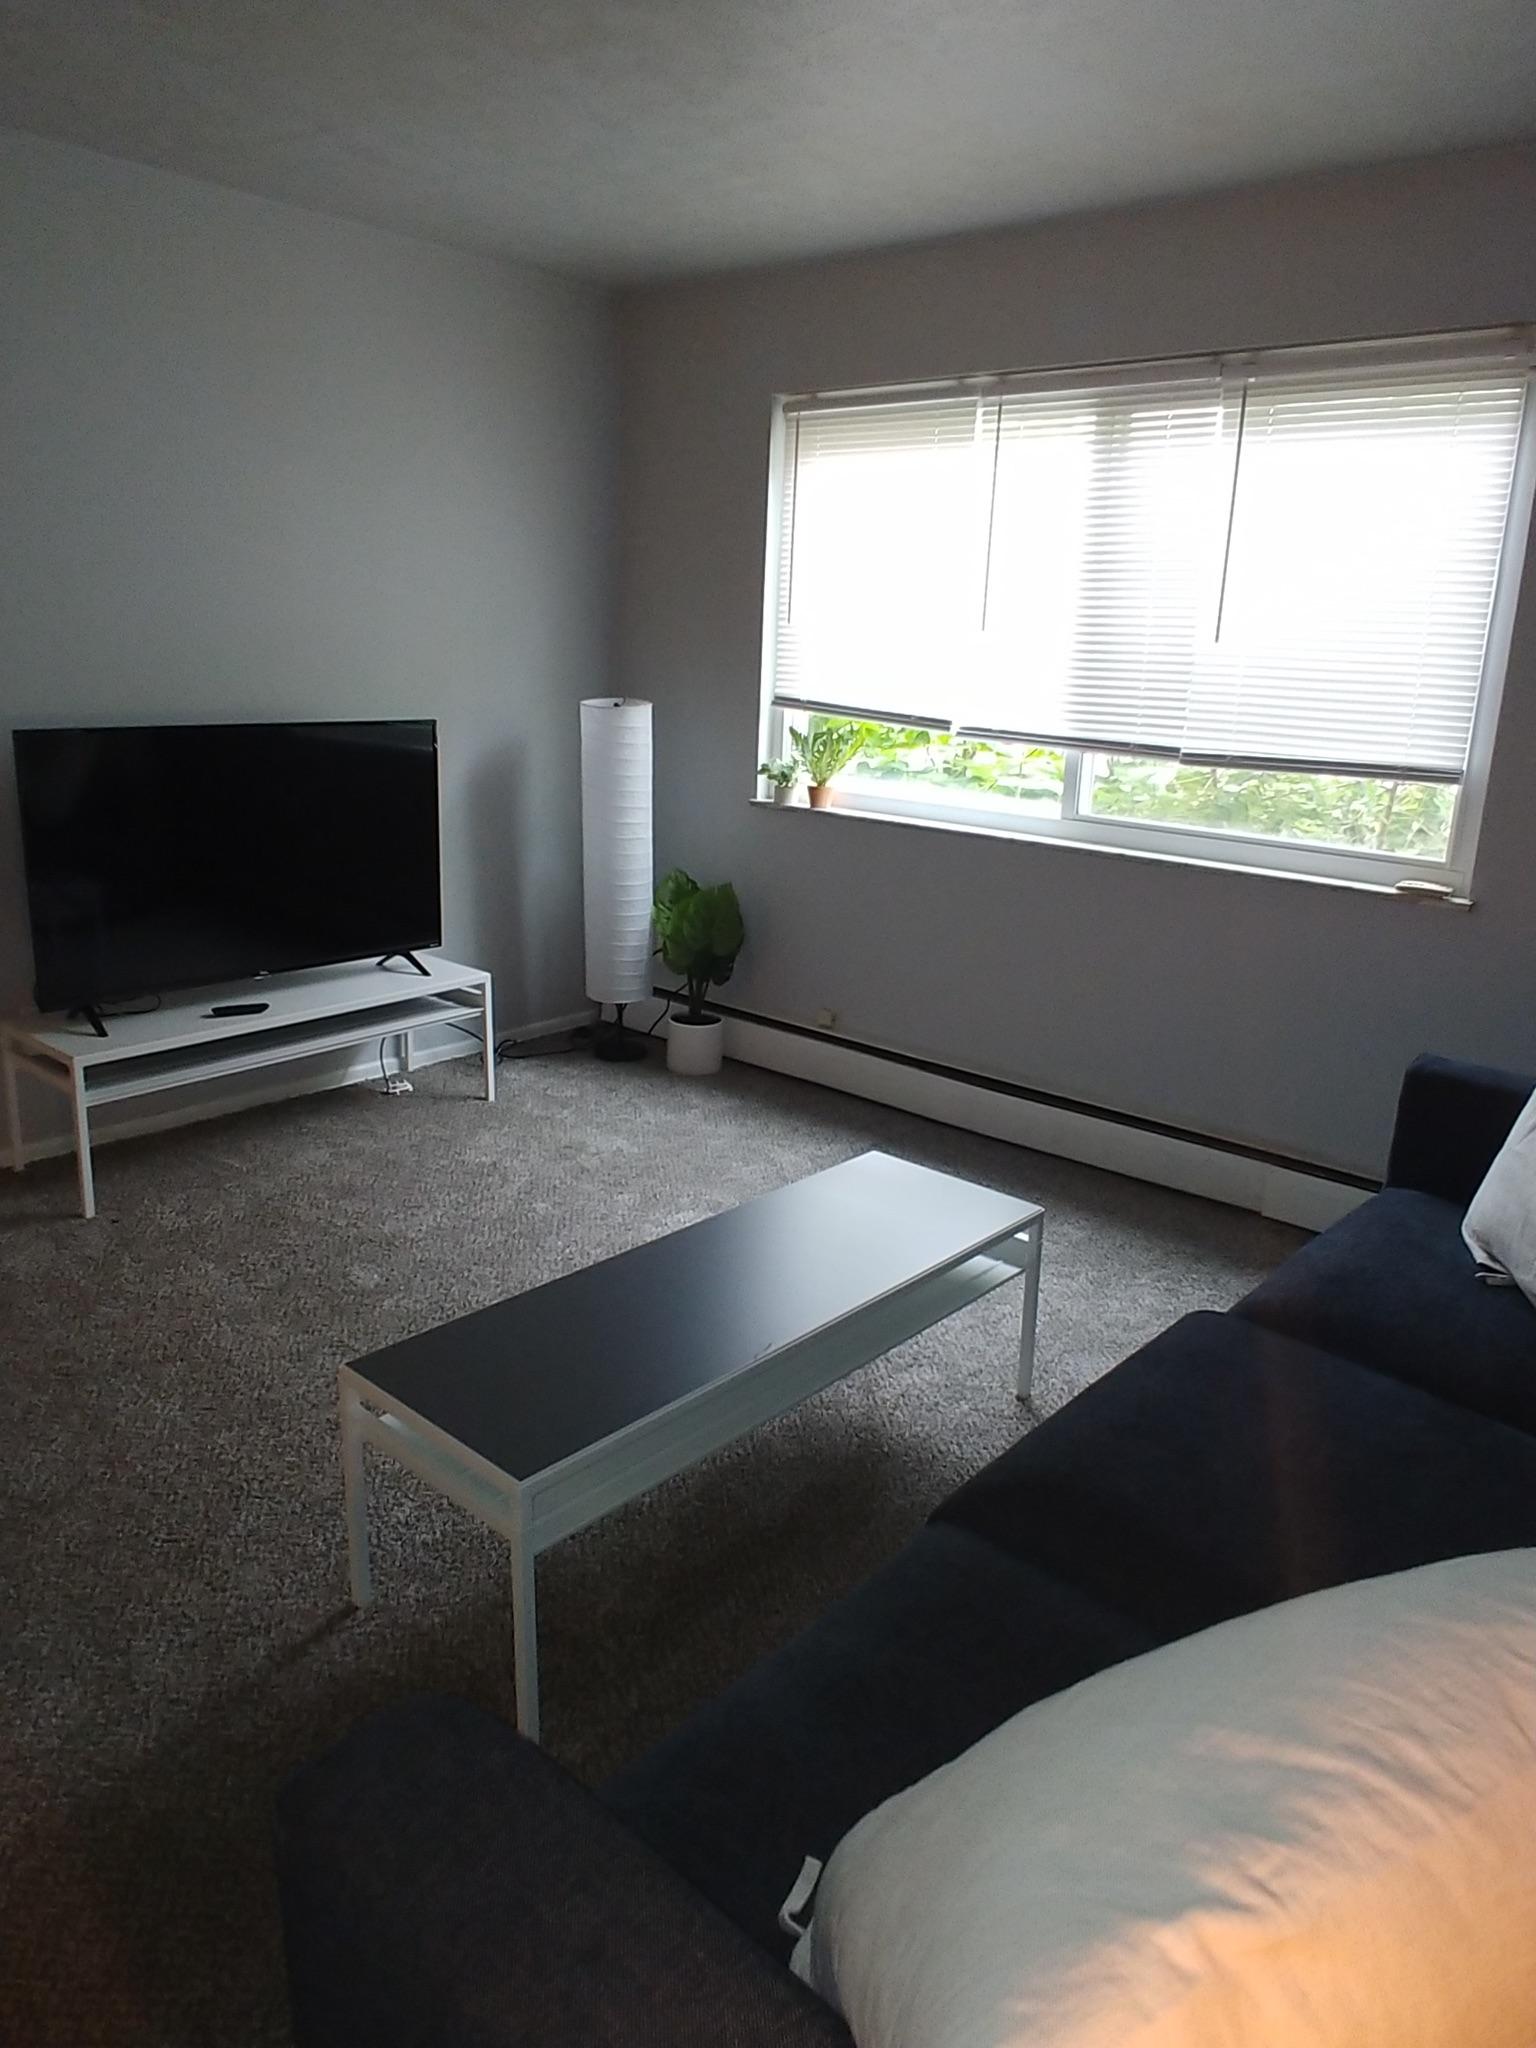 Walnut Hills Unit 5 Apartments For Rent In Cincinnati Ohio United States